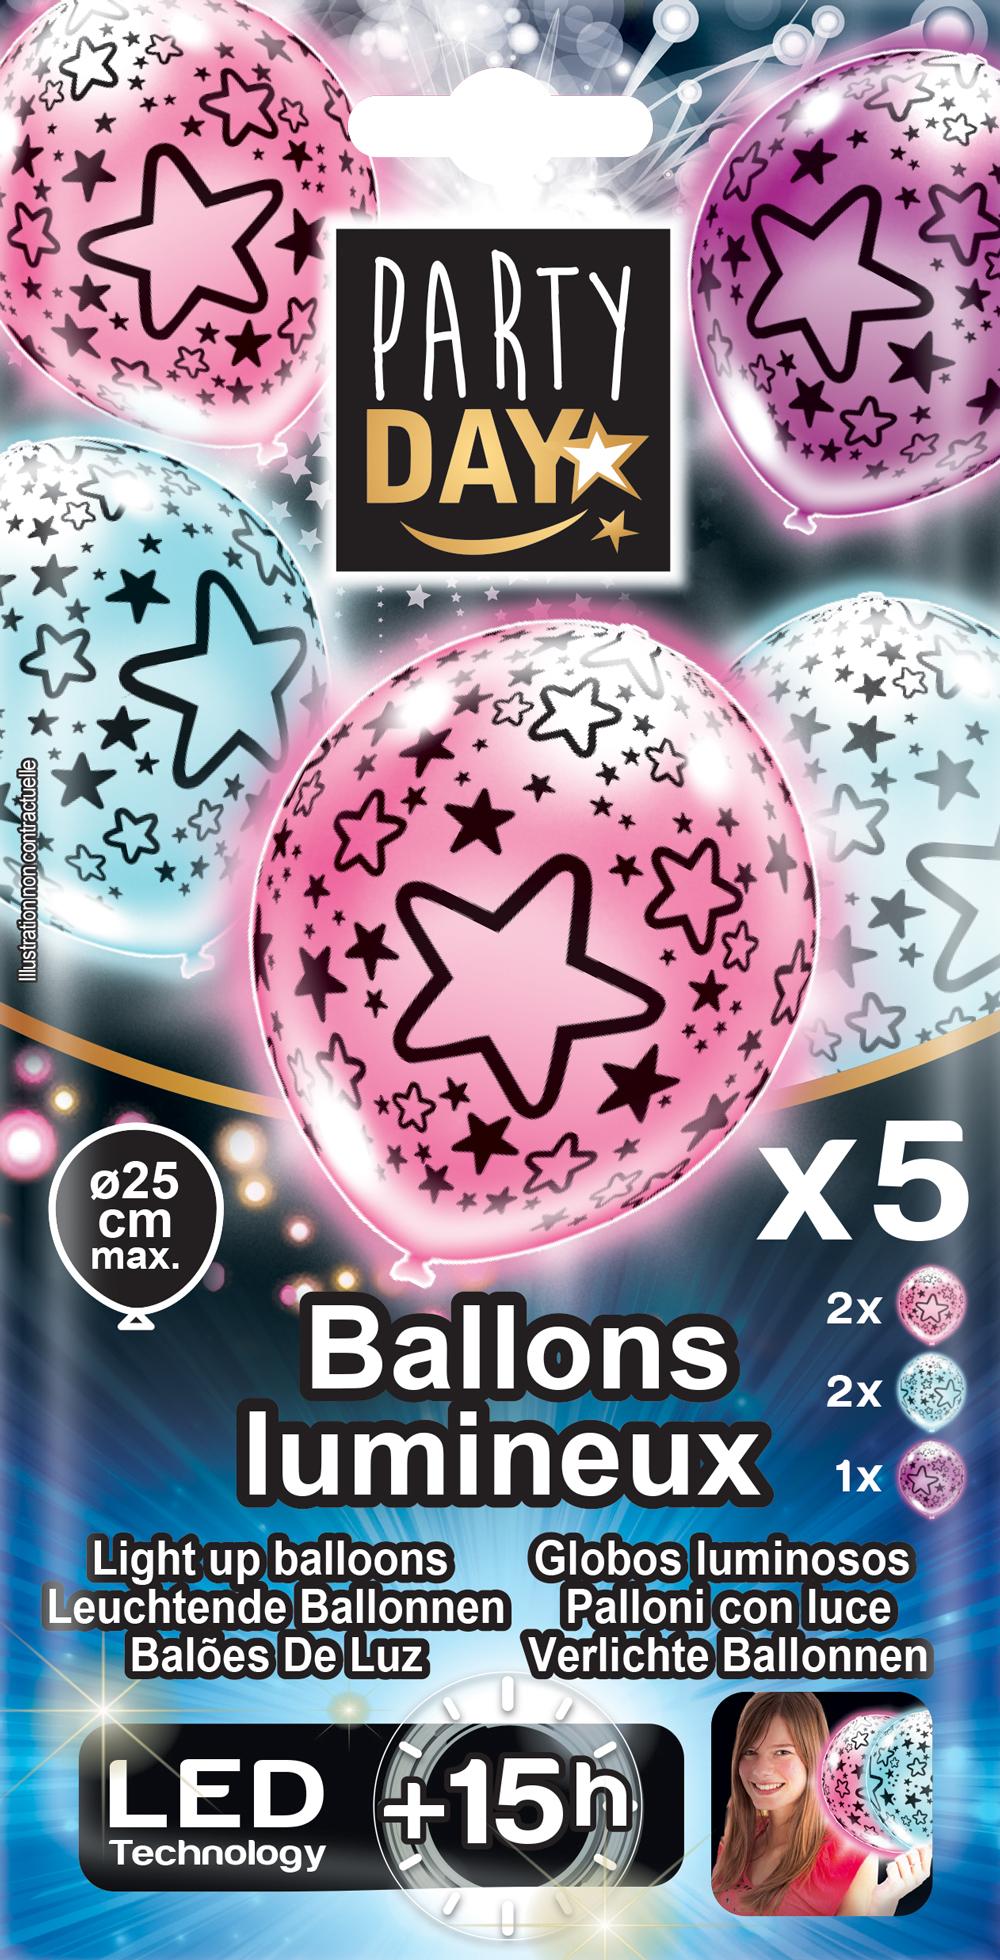 P155950-BALLONS-LED-etoiles-3D_2018